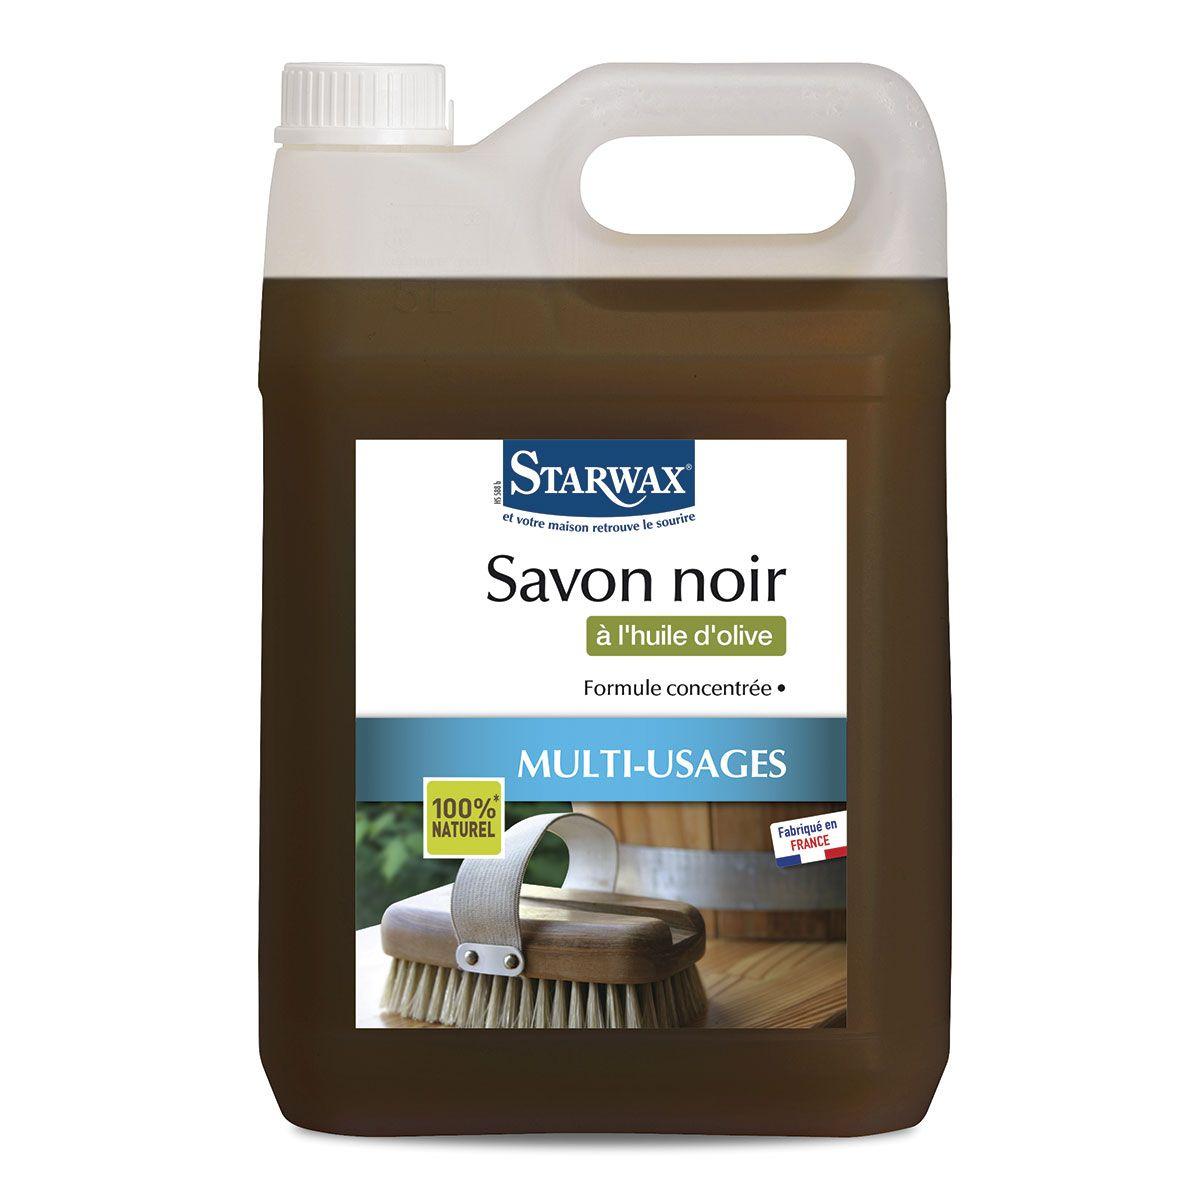 Savon Noir À L'huile D'olive | Starwax, Produits D'entretien ... intérieur Savon Noir Jardin